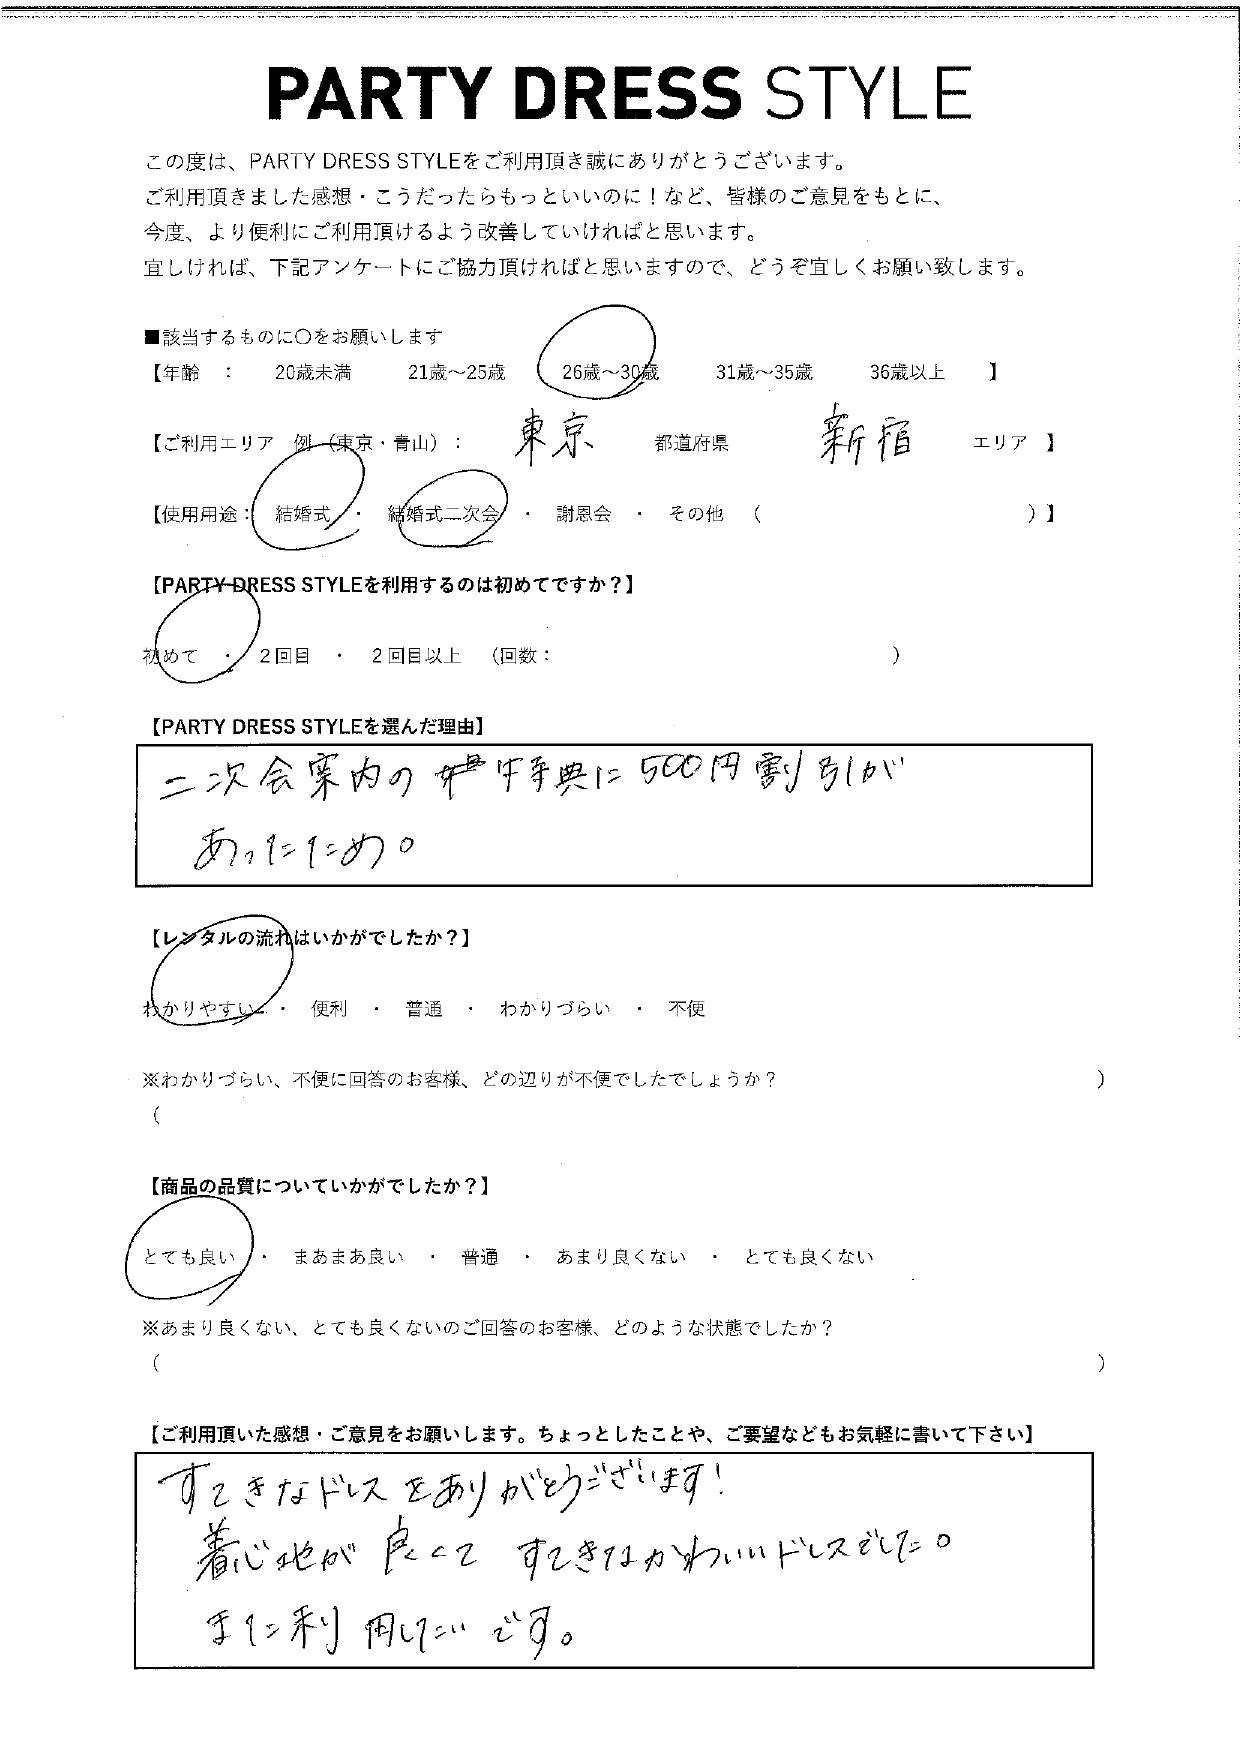 二次会案内の特典に500円割引があったため。